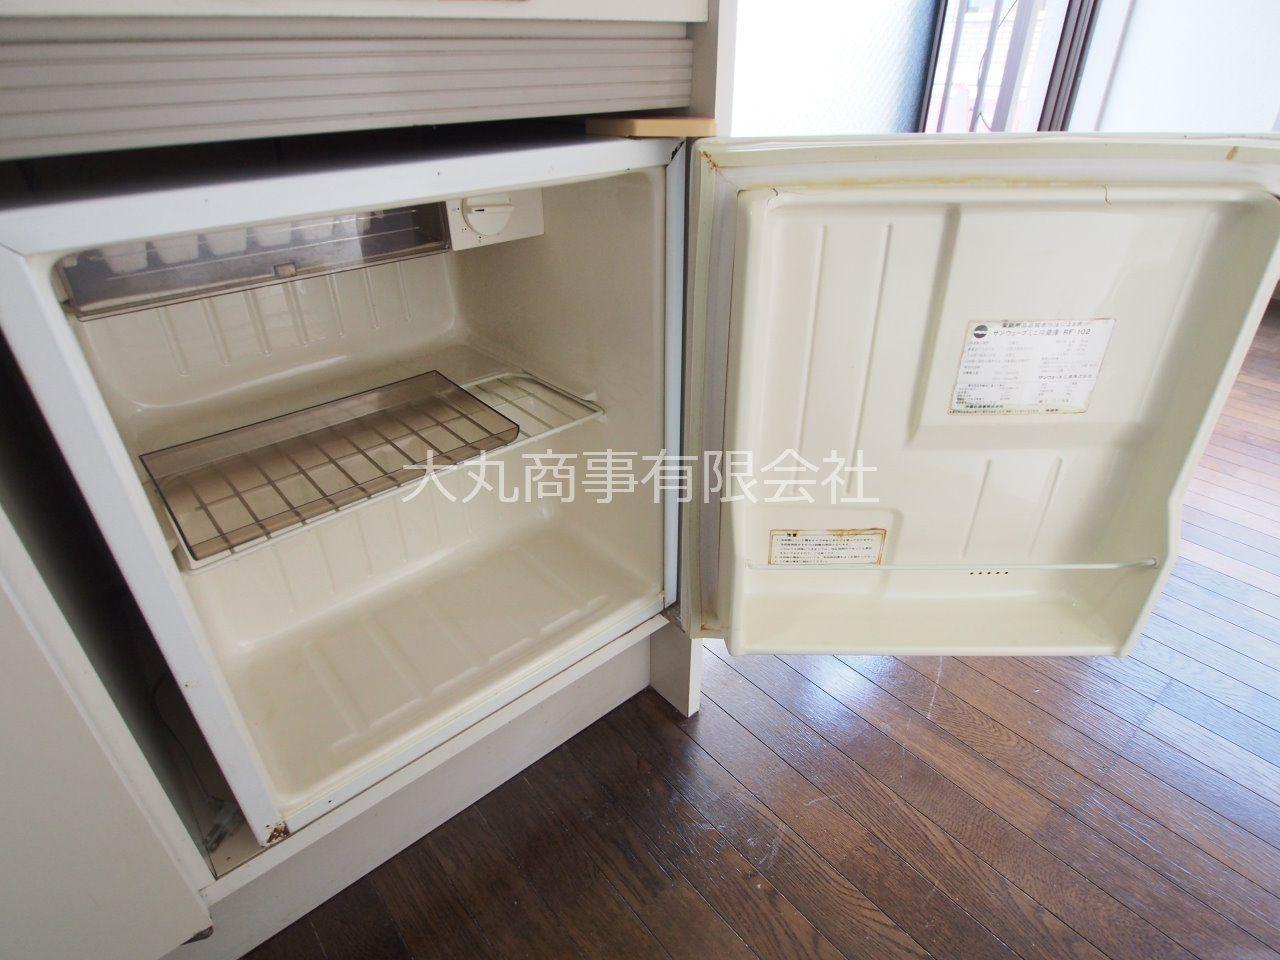 容量は大きくないですが、飲料やちょっとした食材を保管可能